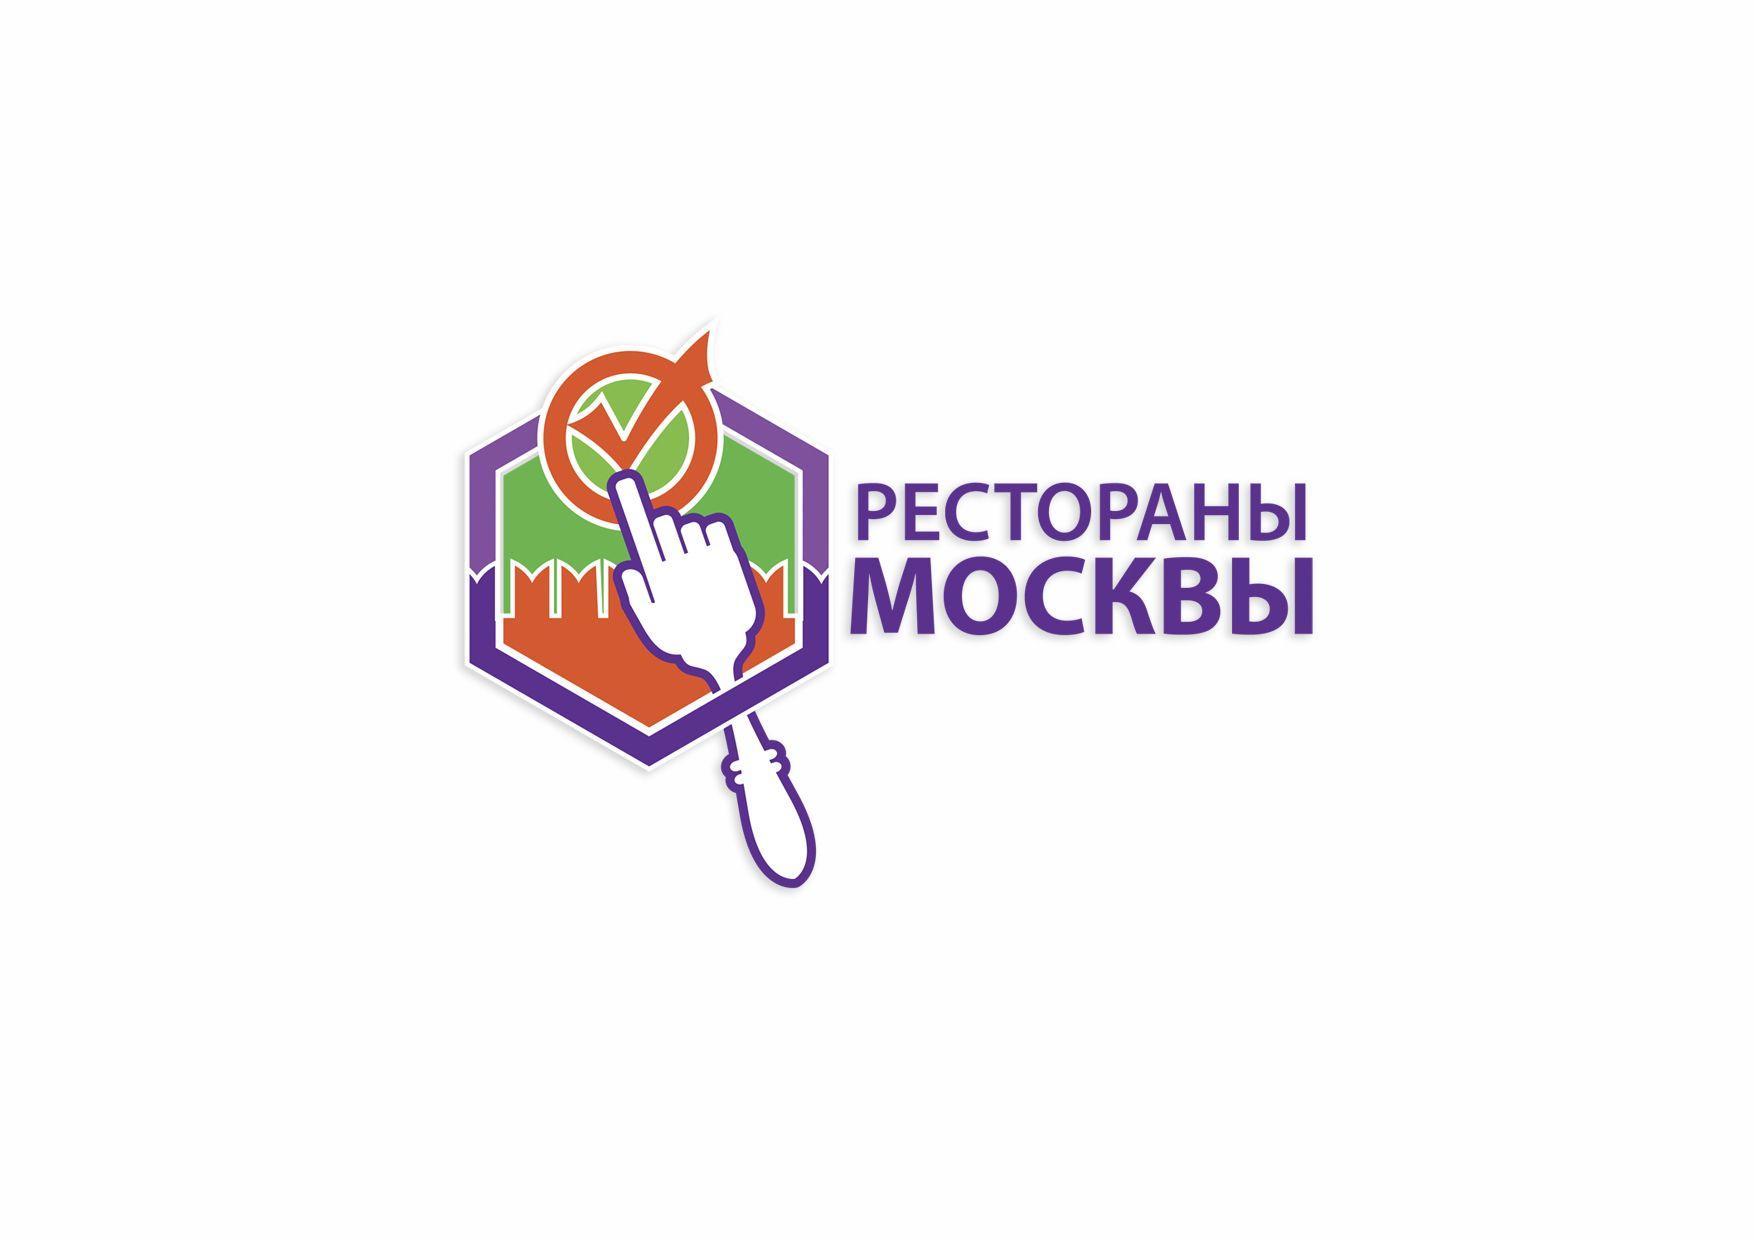 Логотип для Рестораны Москвы - дизайнер Kostic1